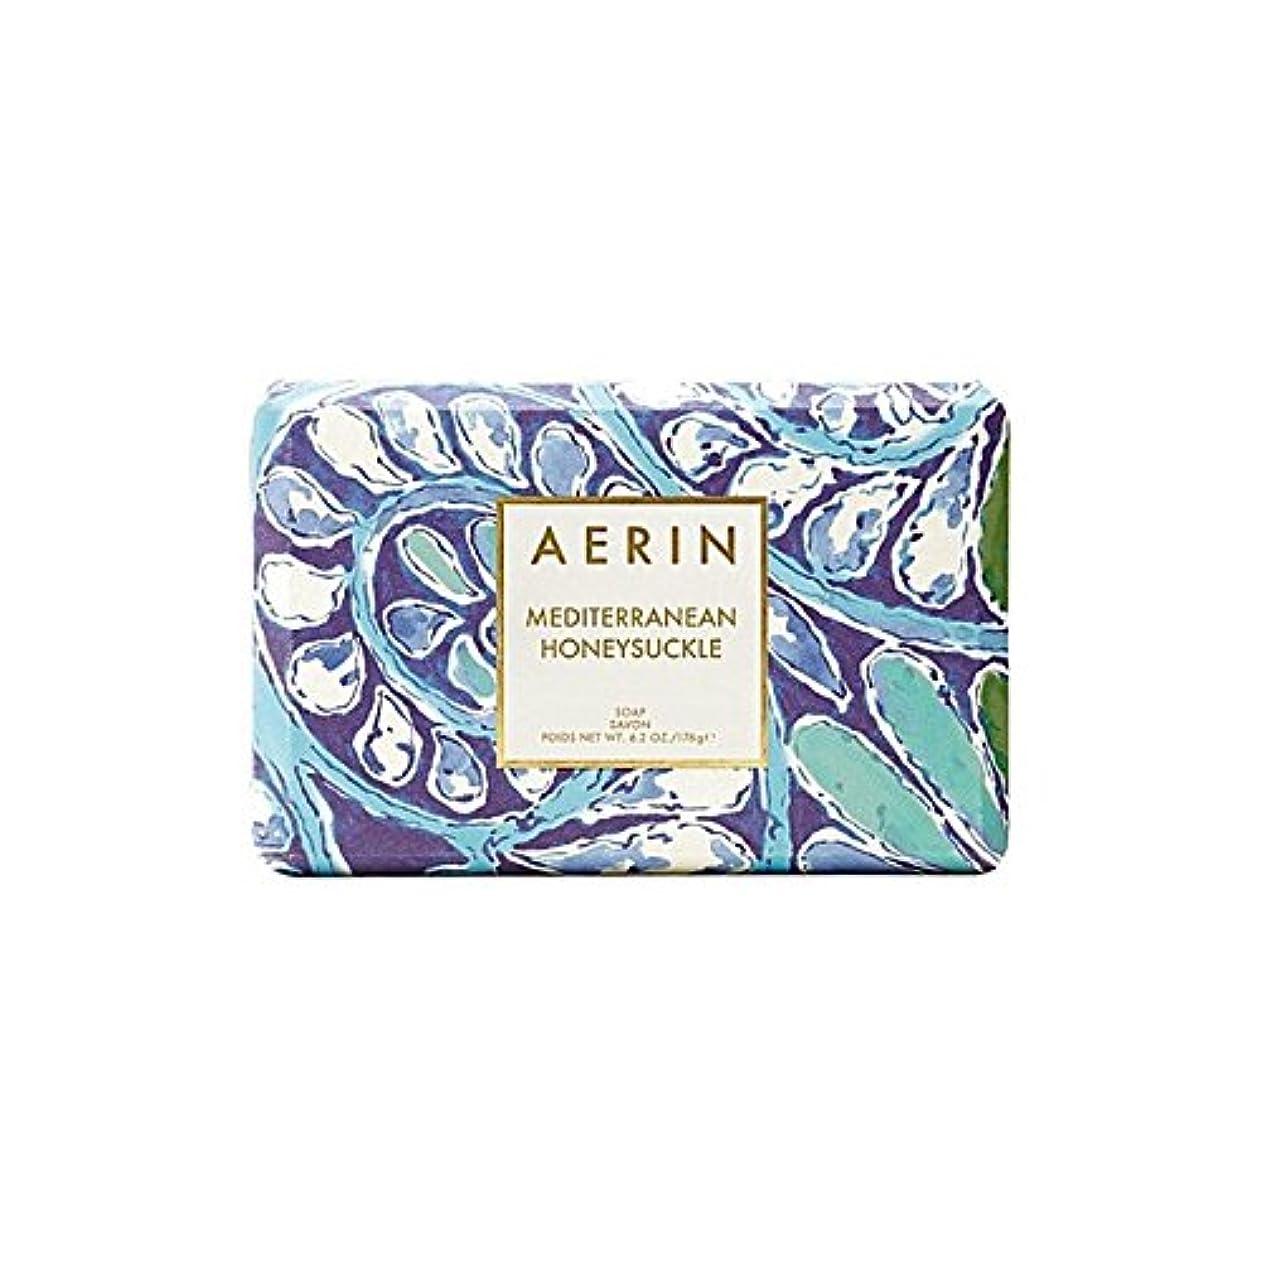 囚人言語学バイオリンAerin Mediterrenean Honeysuckle Bar Soap 176G (Pack of 6) - スイカズラ固形石鹸176グラム x6 [並行輸入品]